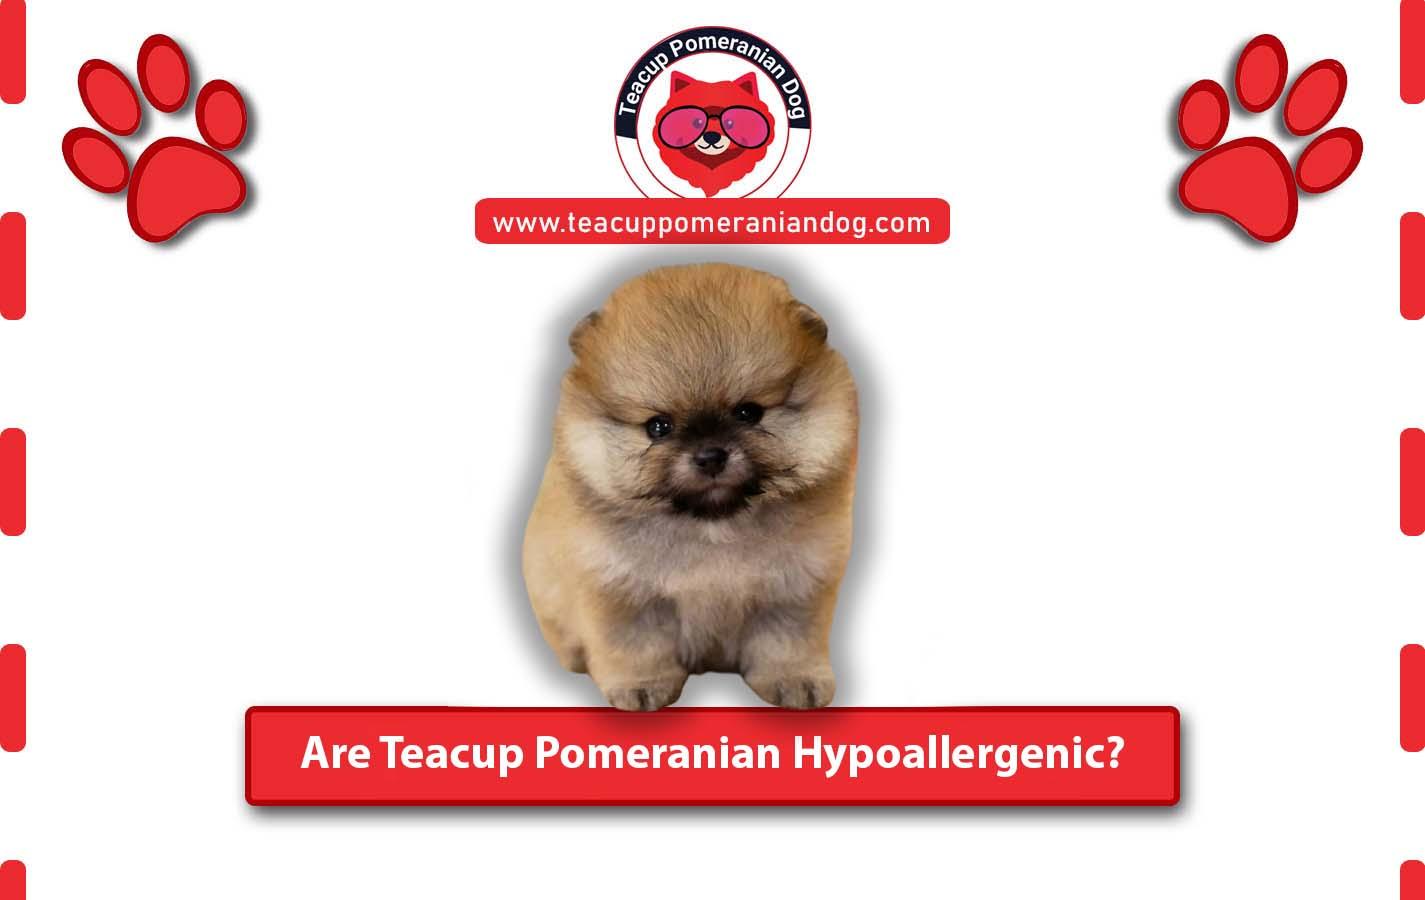 Are Teacup Pomeranian Hypoallergenic